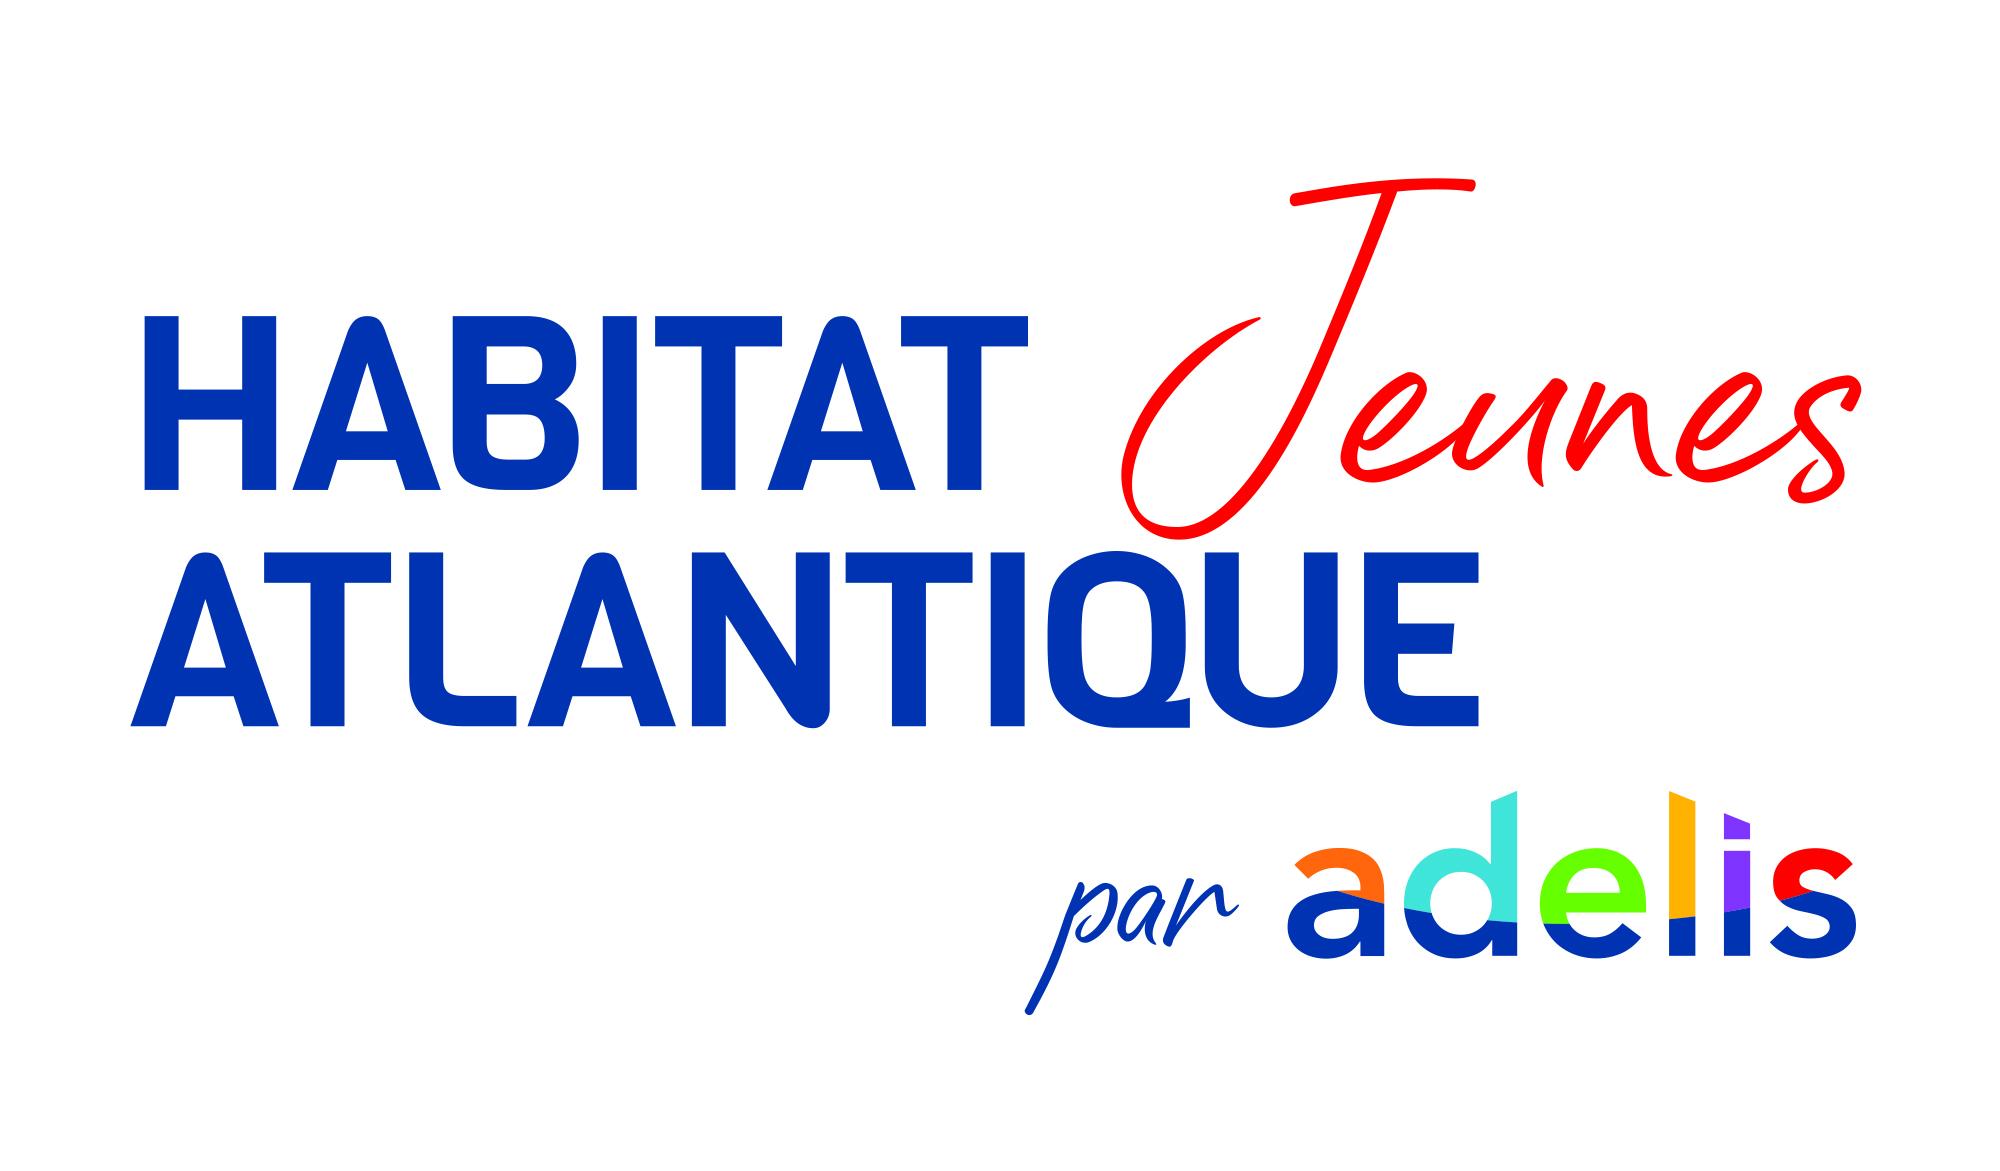 Habitat Atlantique Jeunes